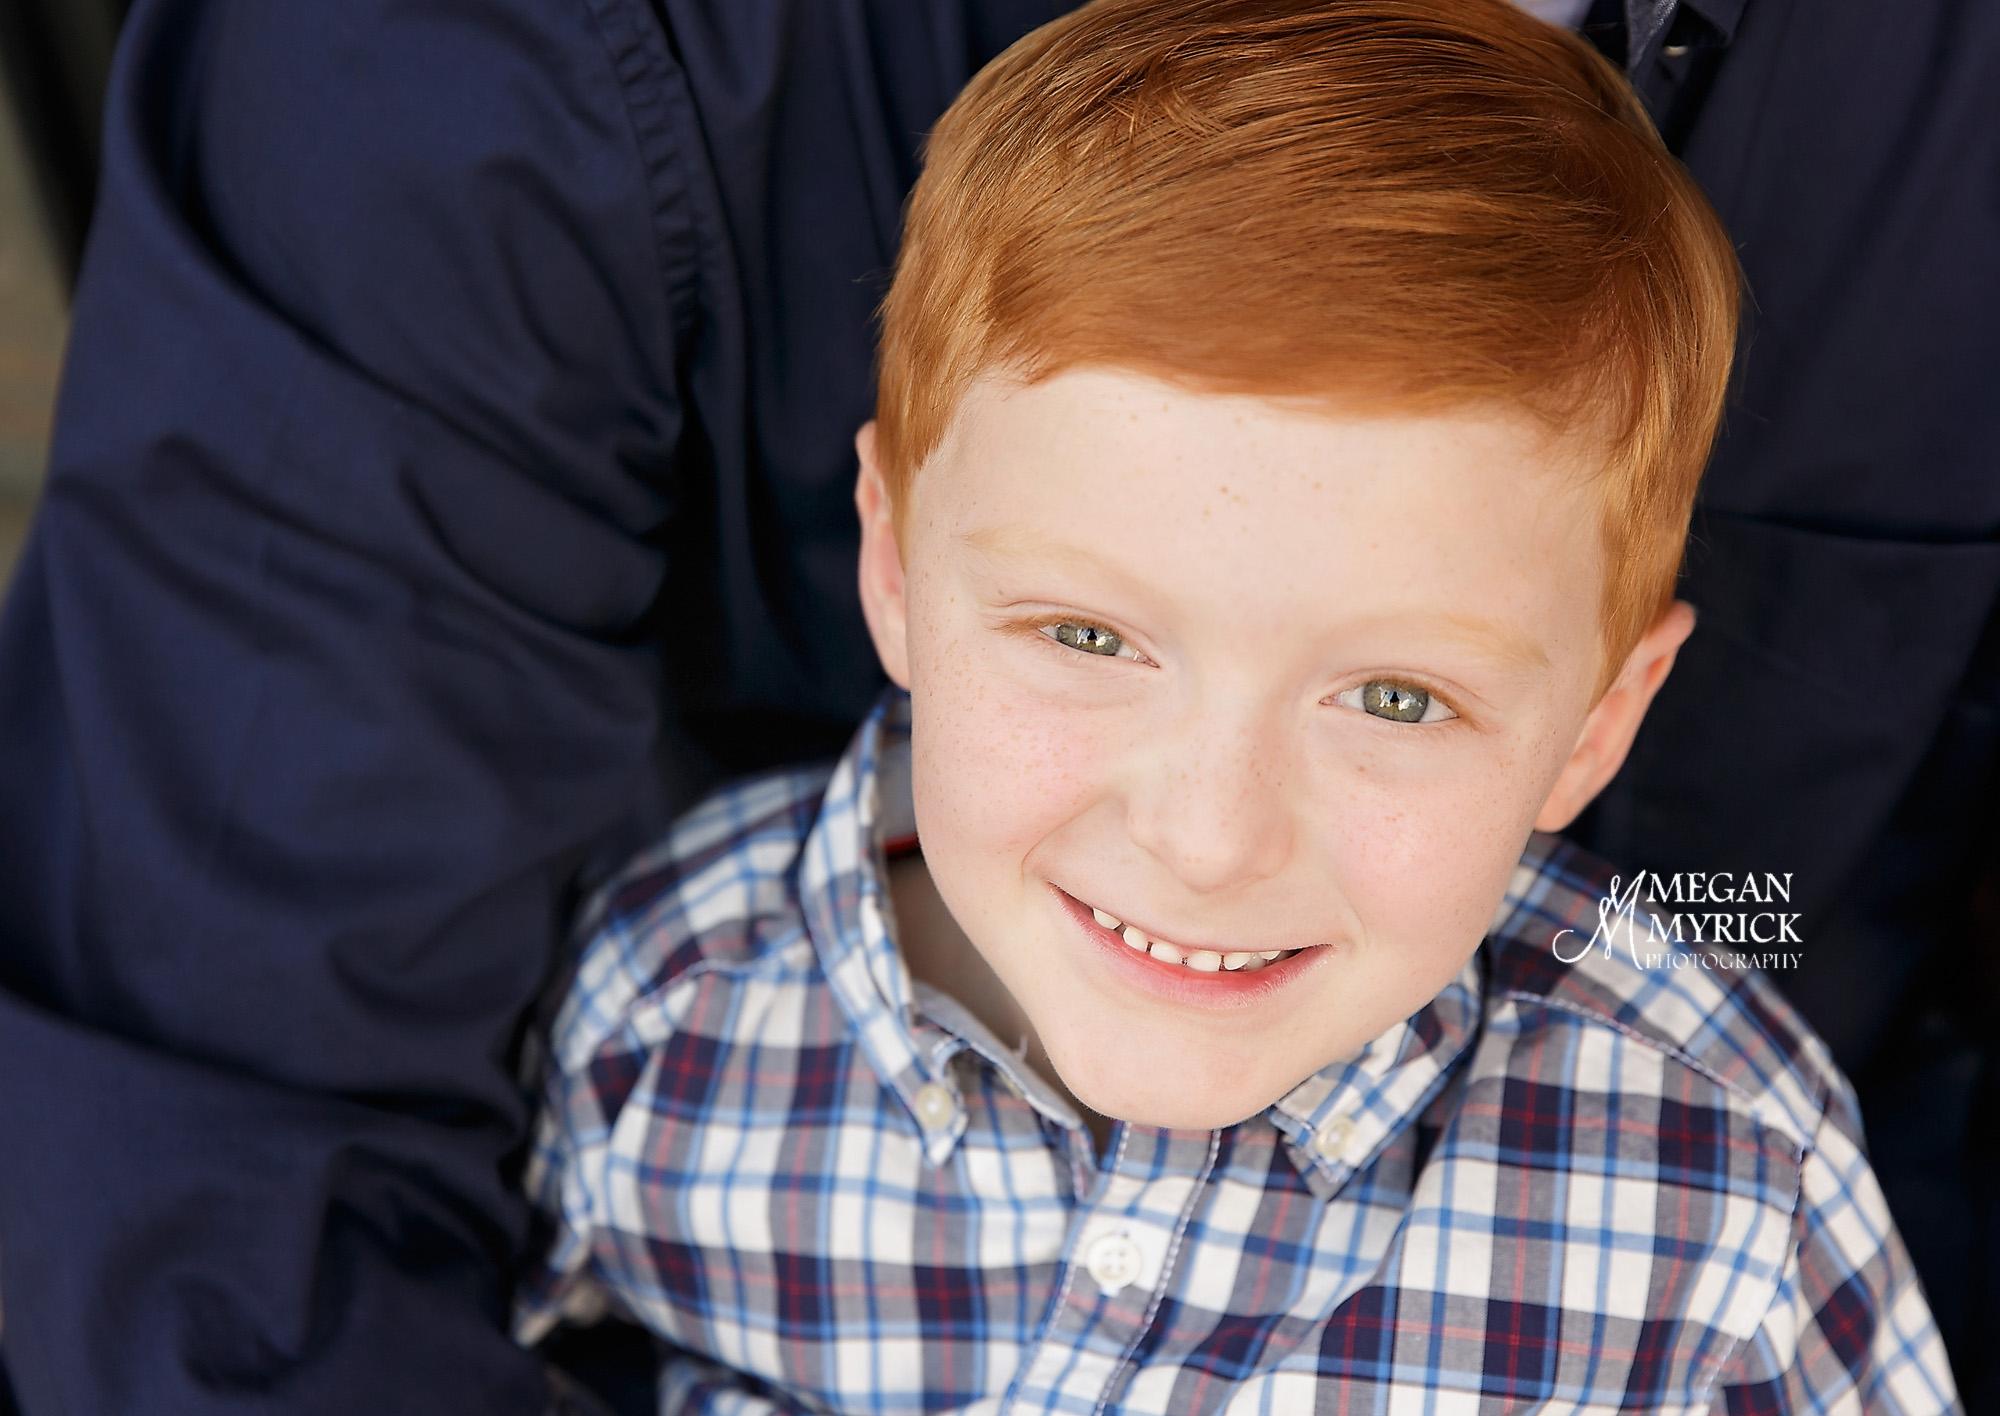 Hinesville Child Photographer|Megan Myrick Photography|www.meganmyrickphotography.com